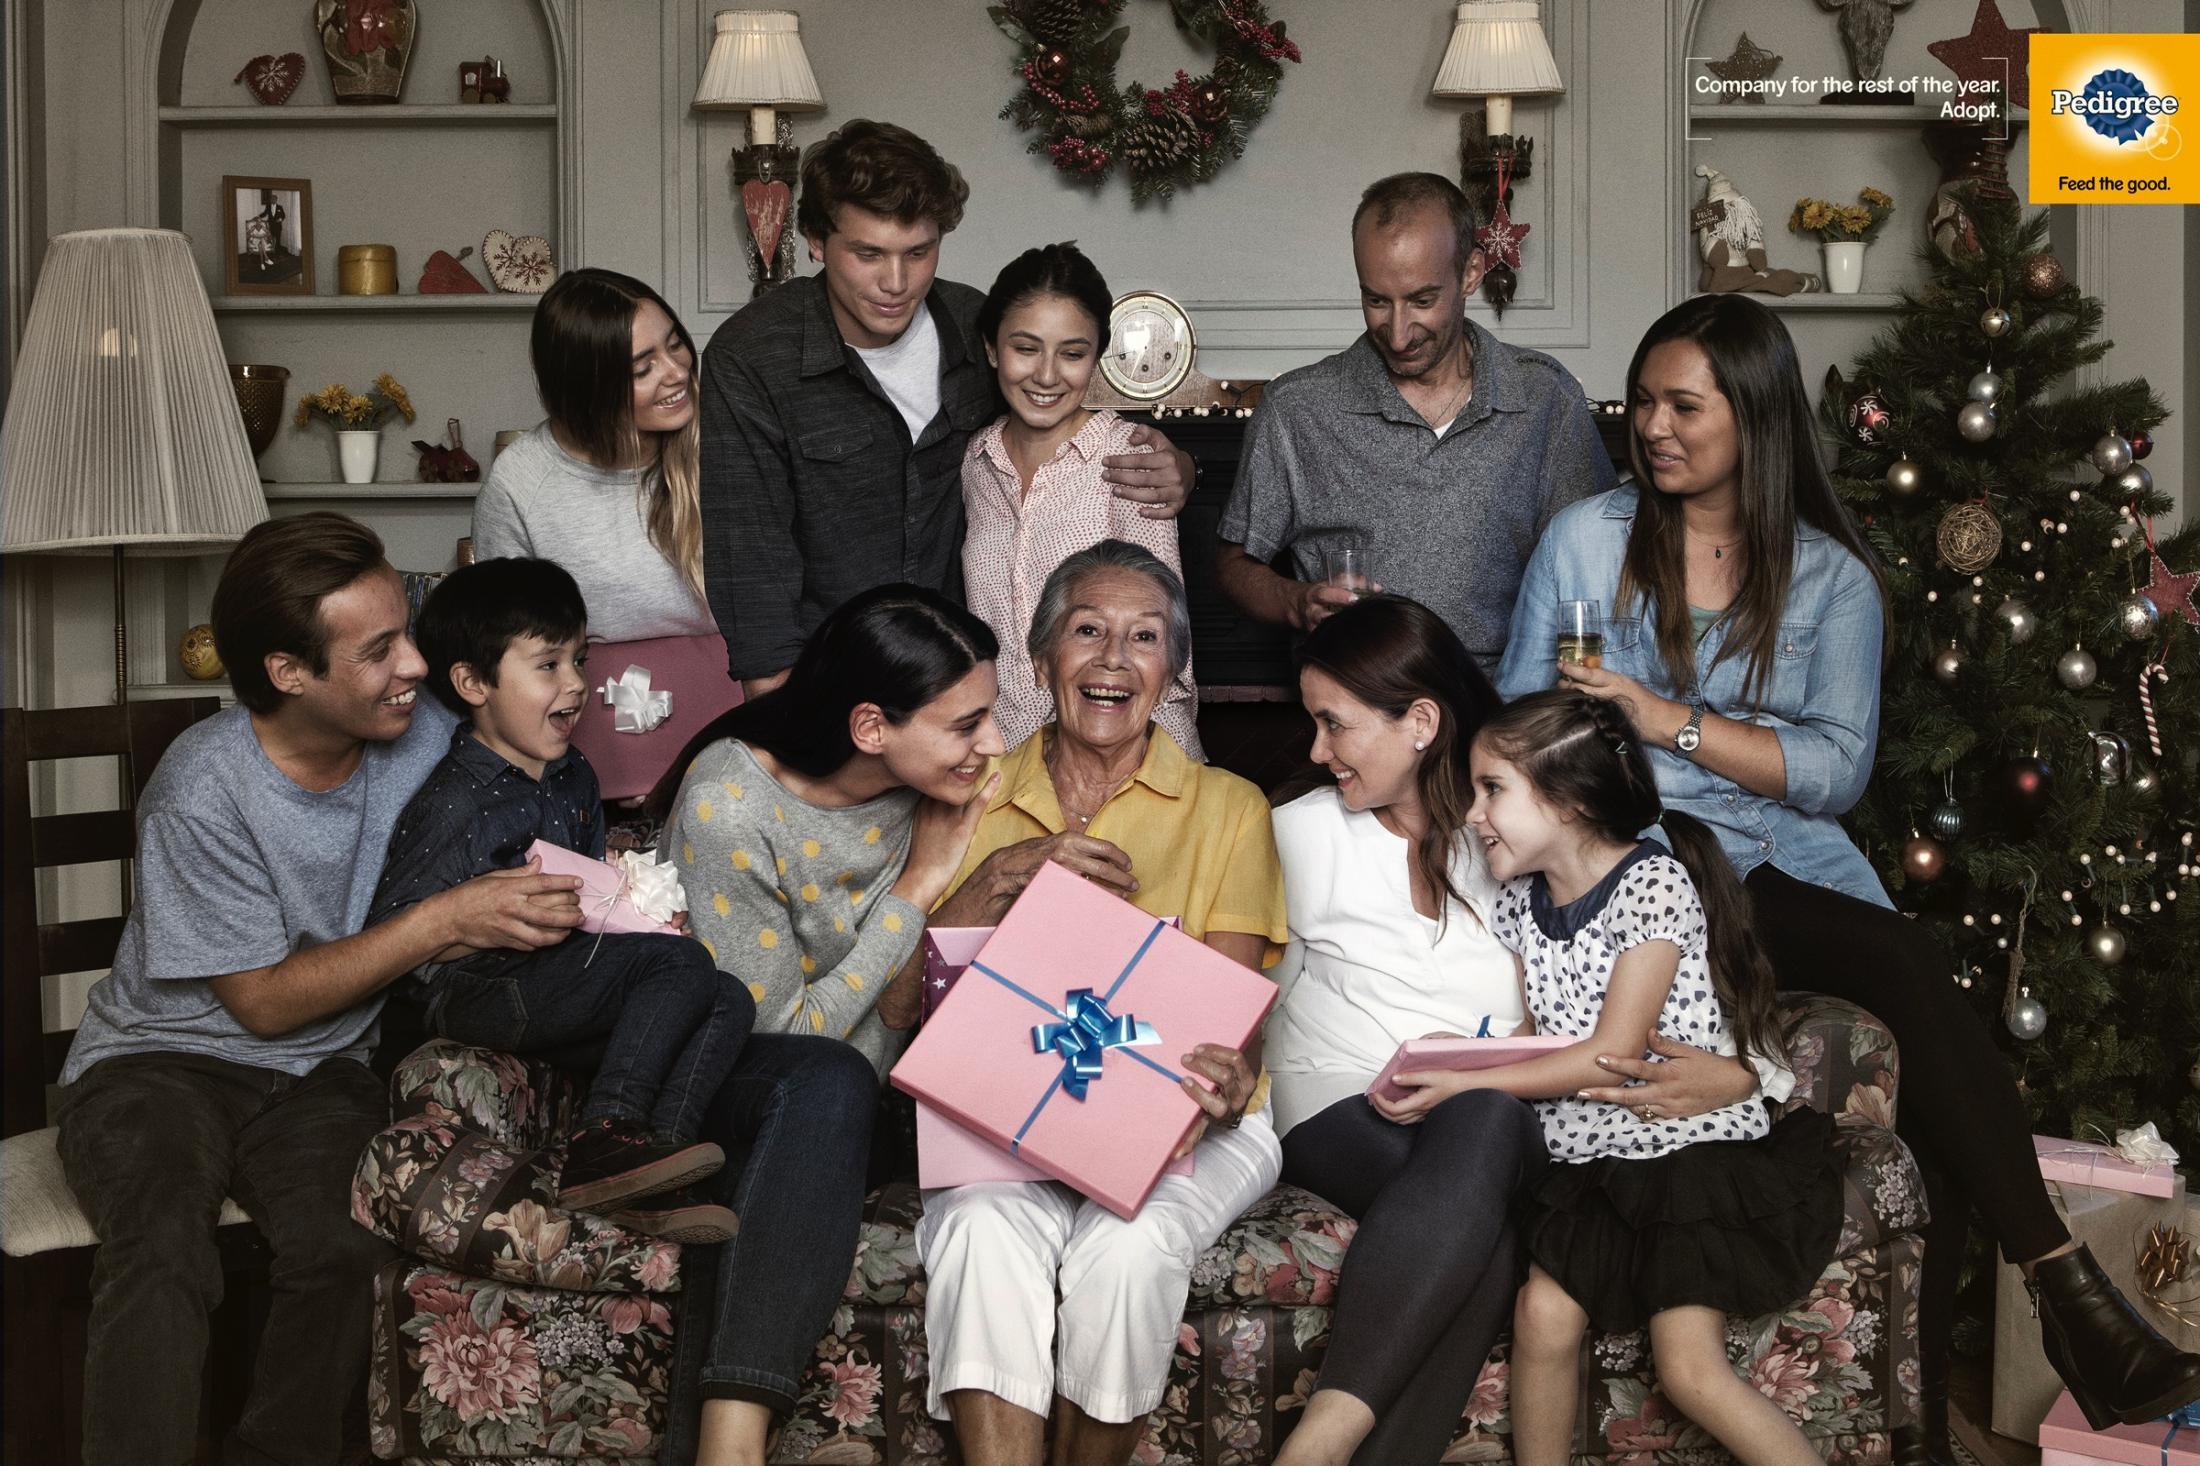 Pedigree Print Ad - Christmas